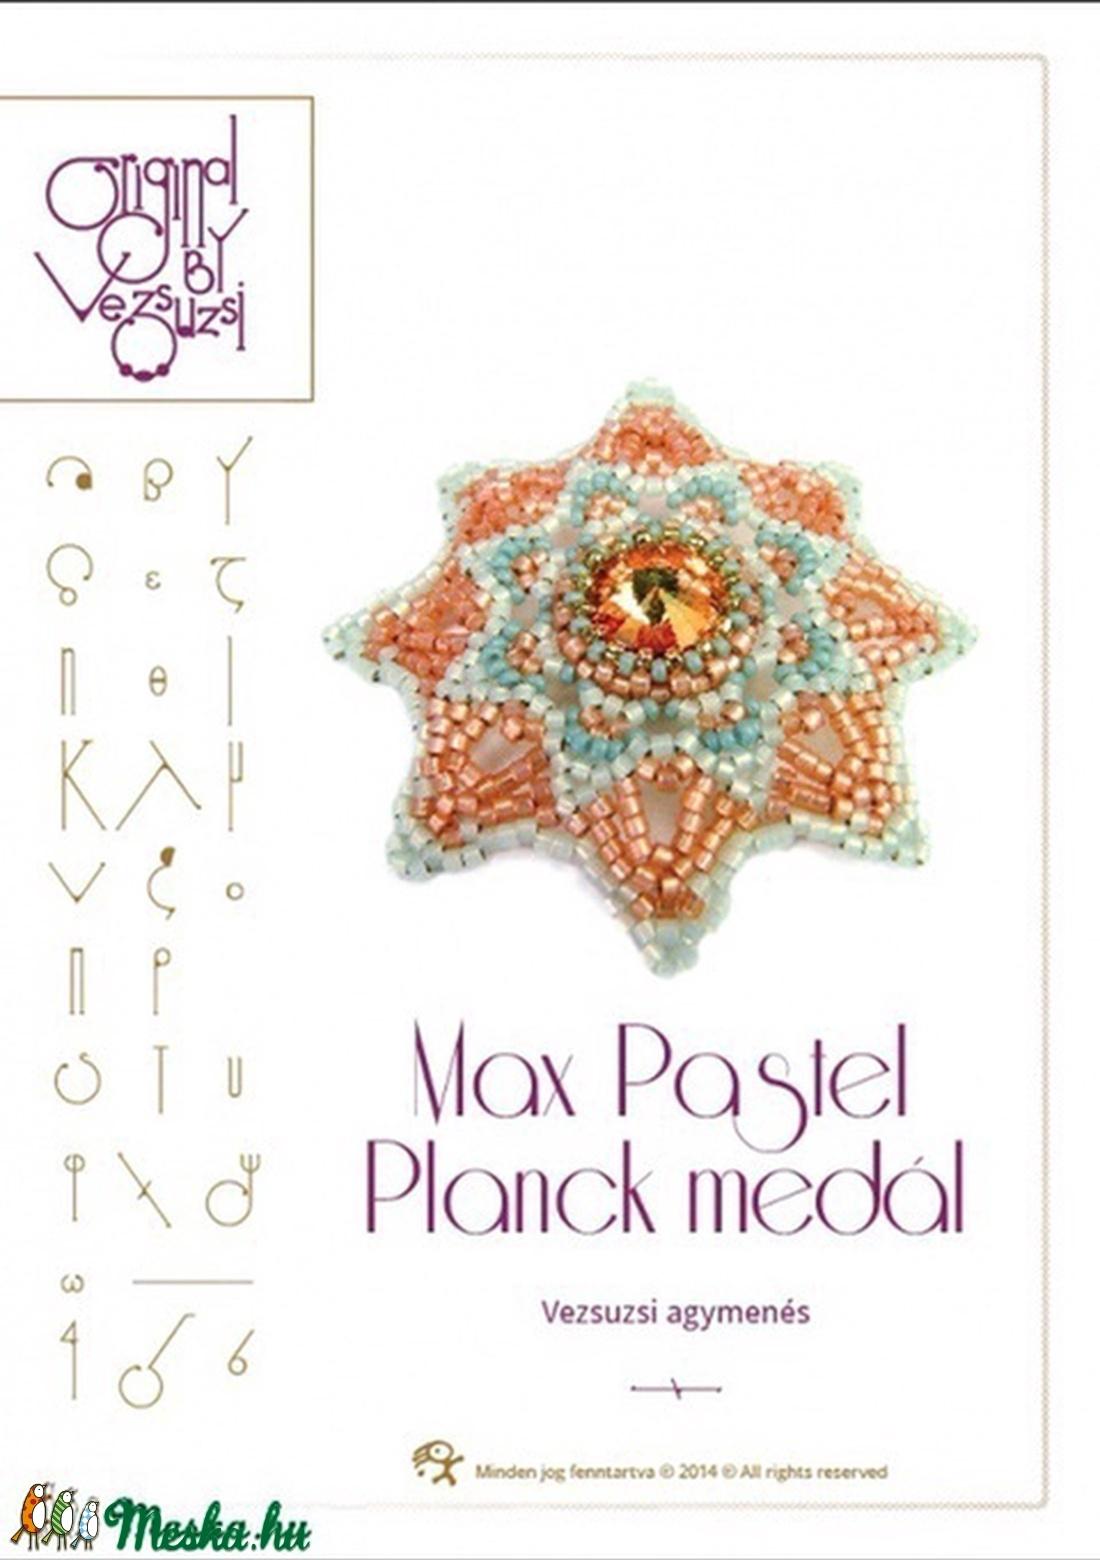 Max Pastel Planck medál... minta egyéni felhasználásra (vezsuzsiminta) - Meska.hu